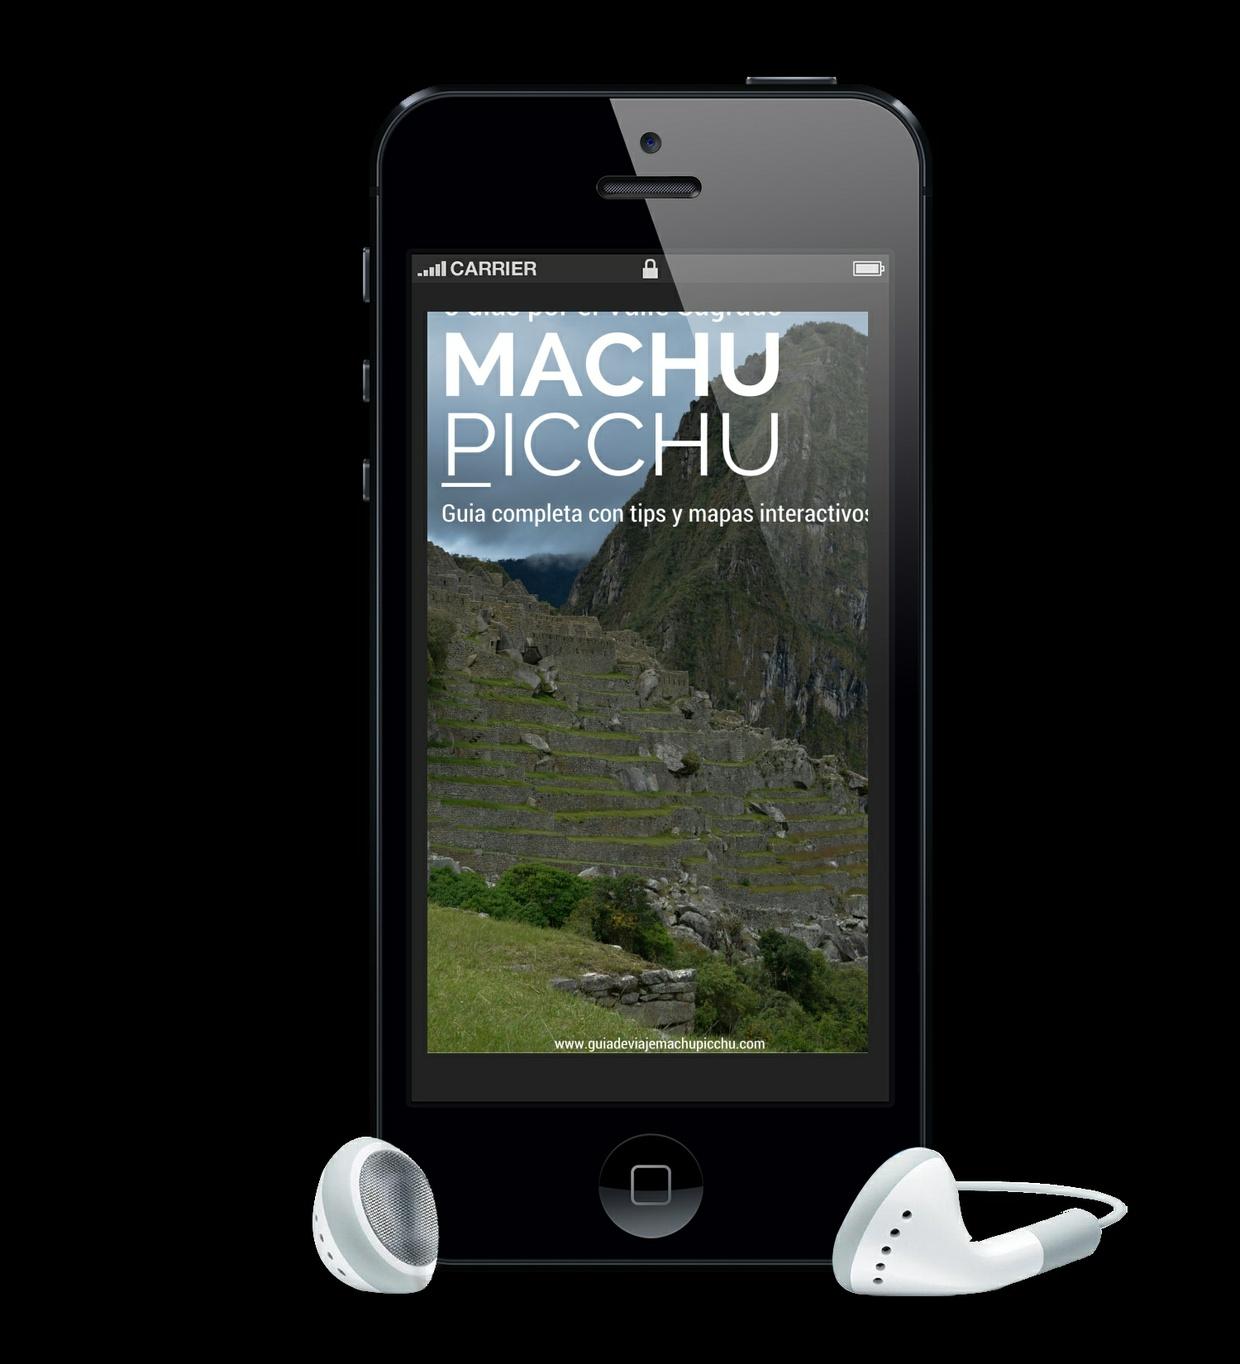 Guia de viaje Machu Picchu